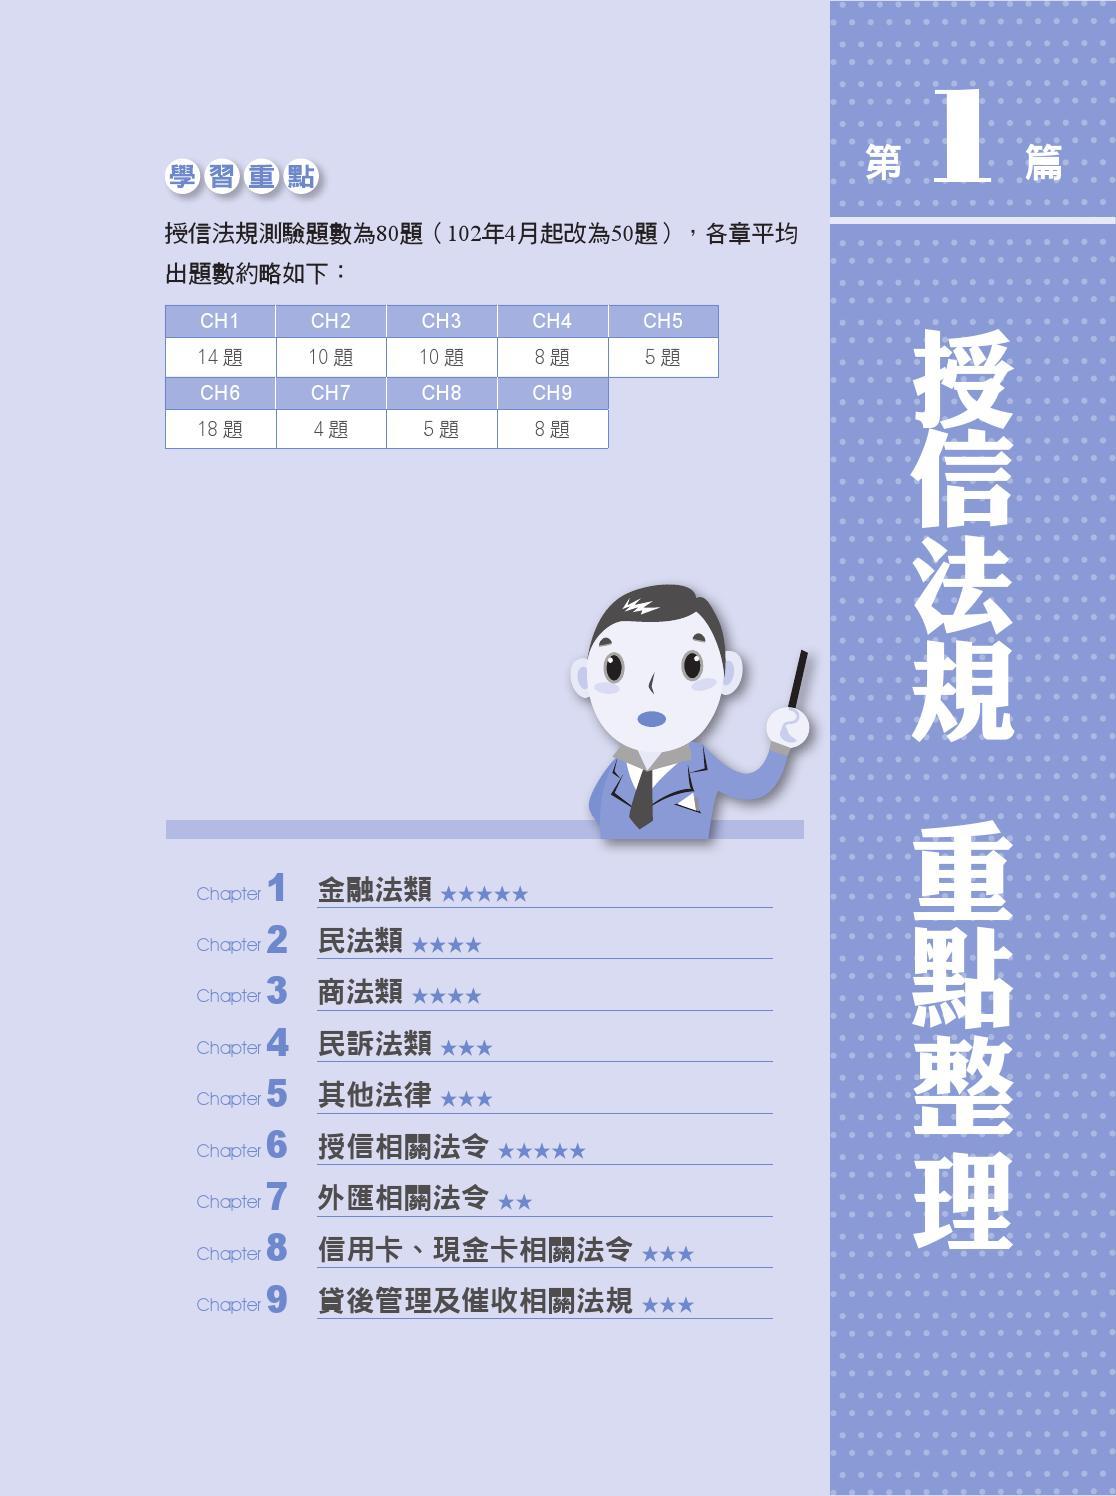 1020528初階授信人員 試閱檔 by greatbooks Lin - Issuu